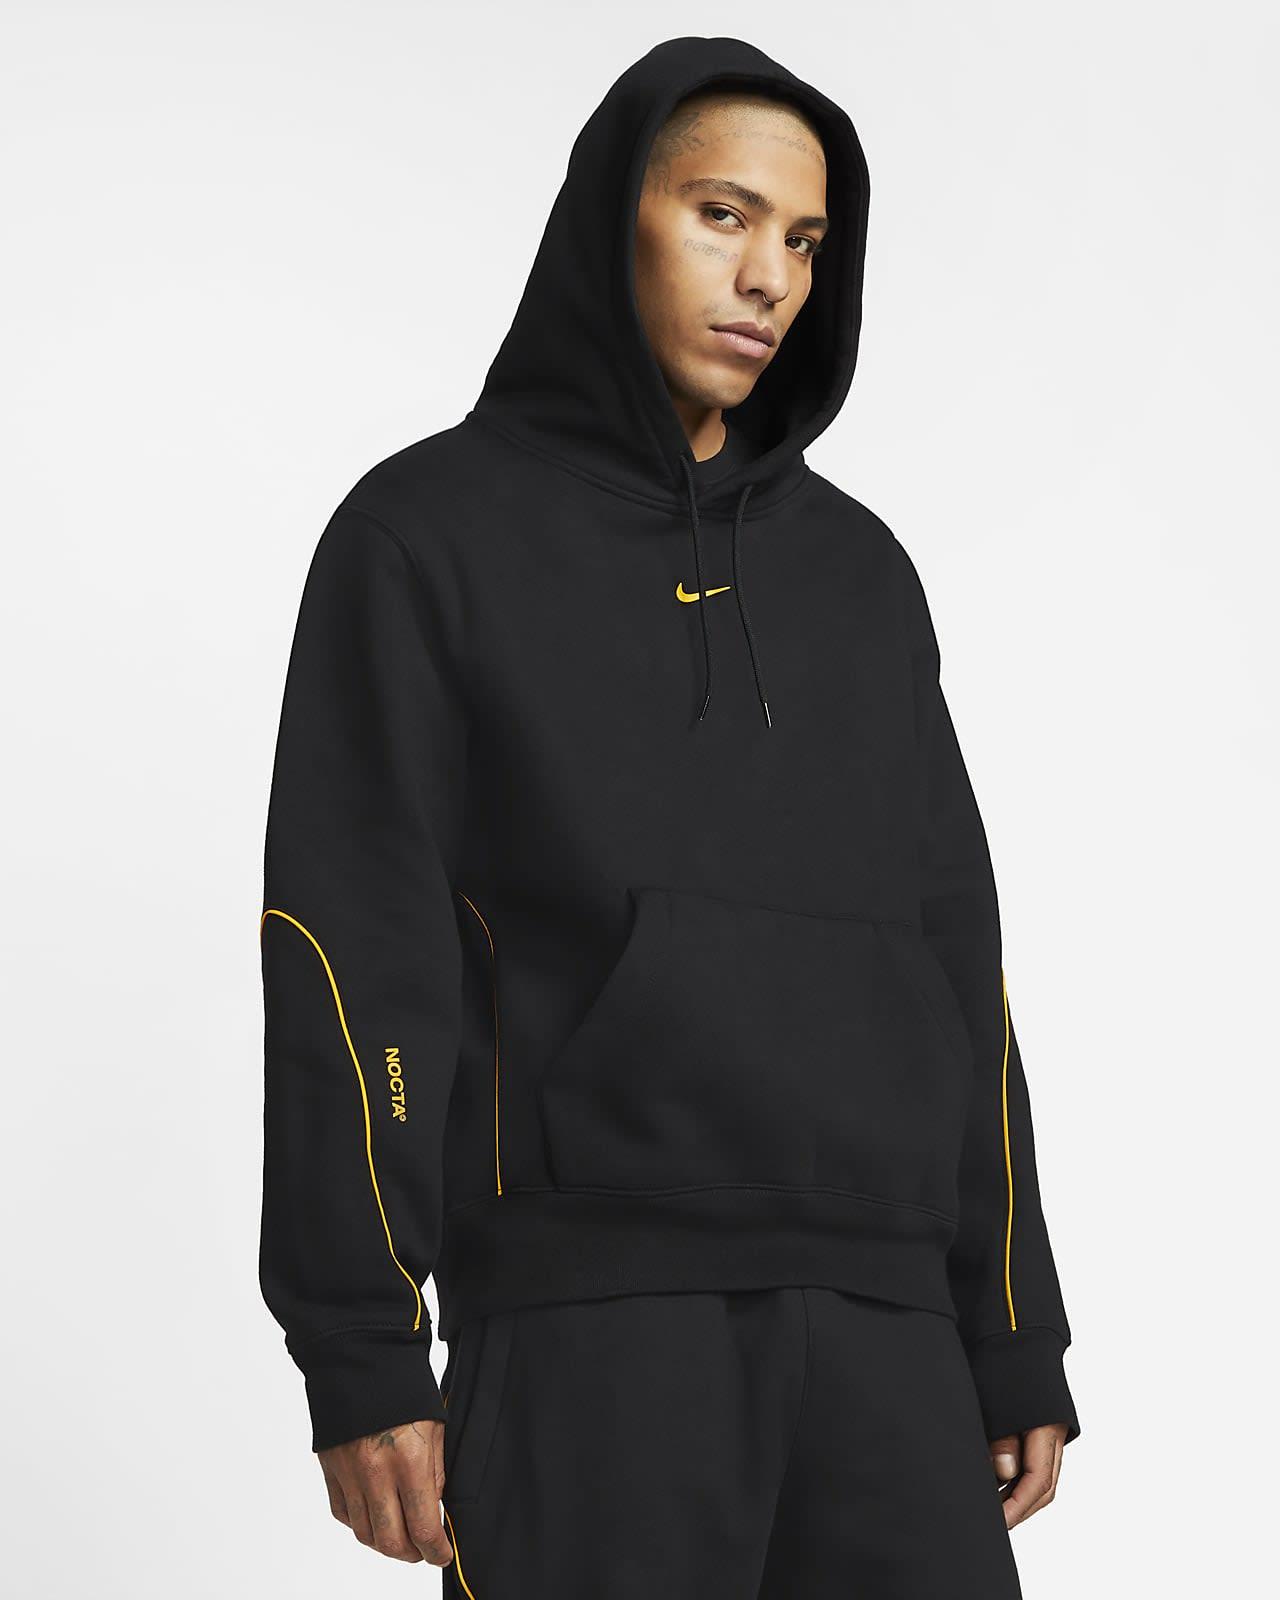 Drake Nike NOCTA Black Hoodie